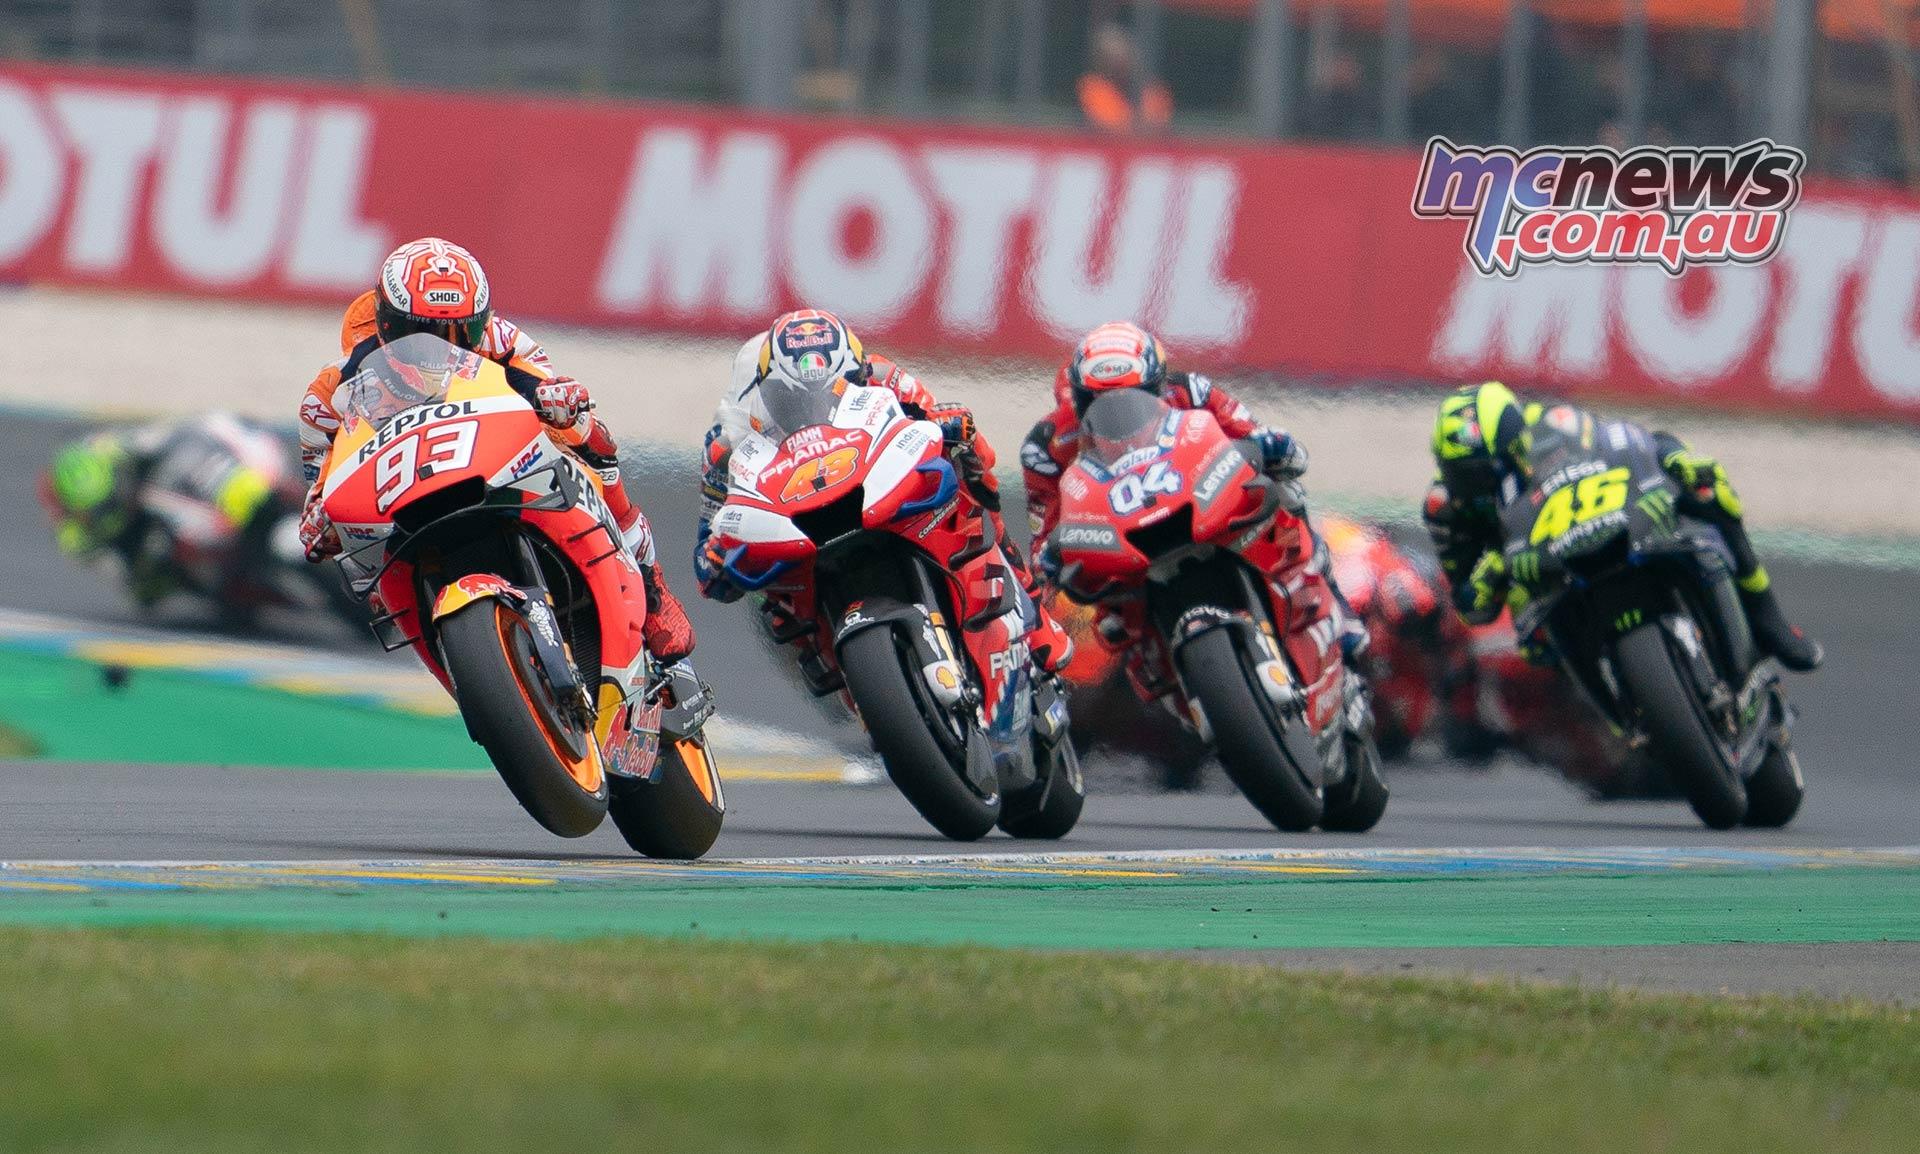 MotoGP Rnd LeMans Marquez Miller Dovi Rossi